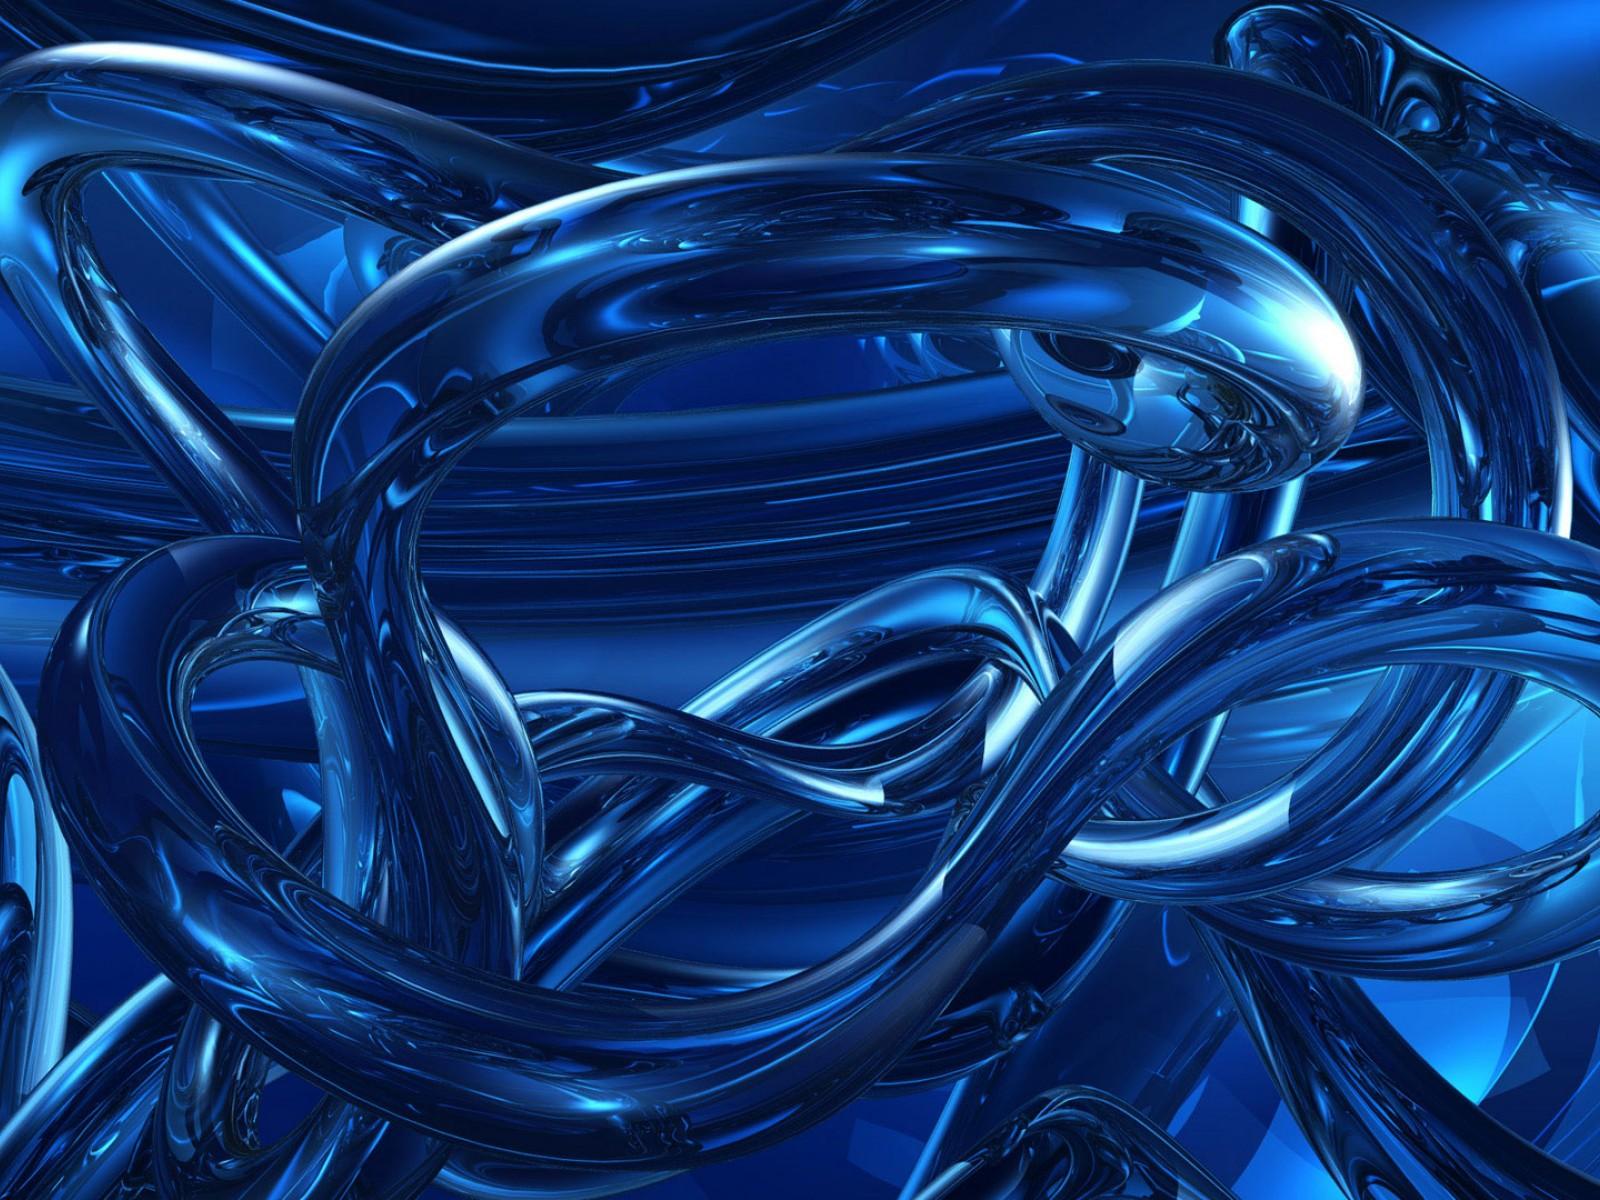 HD Dark Blue 3D Wallpaper High Definition Wallpapers Stock 1600x1200